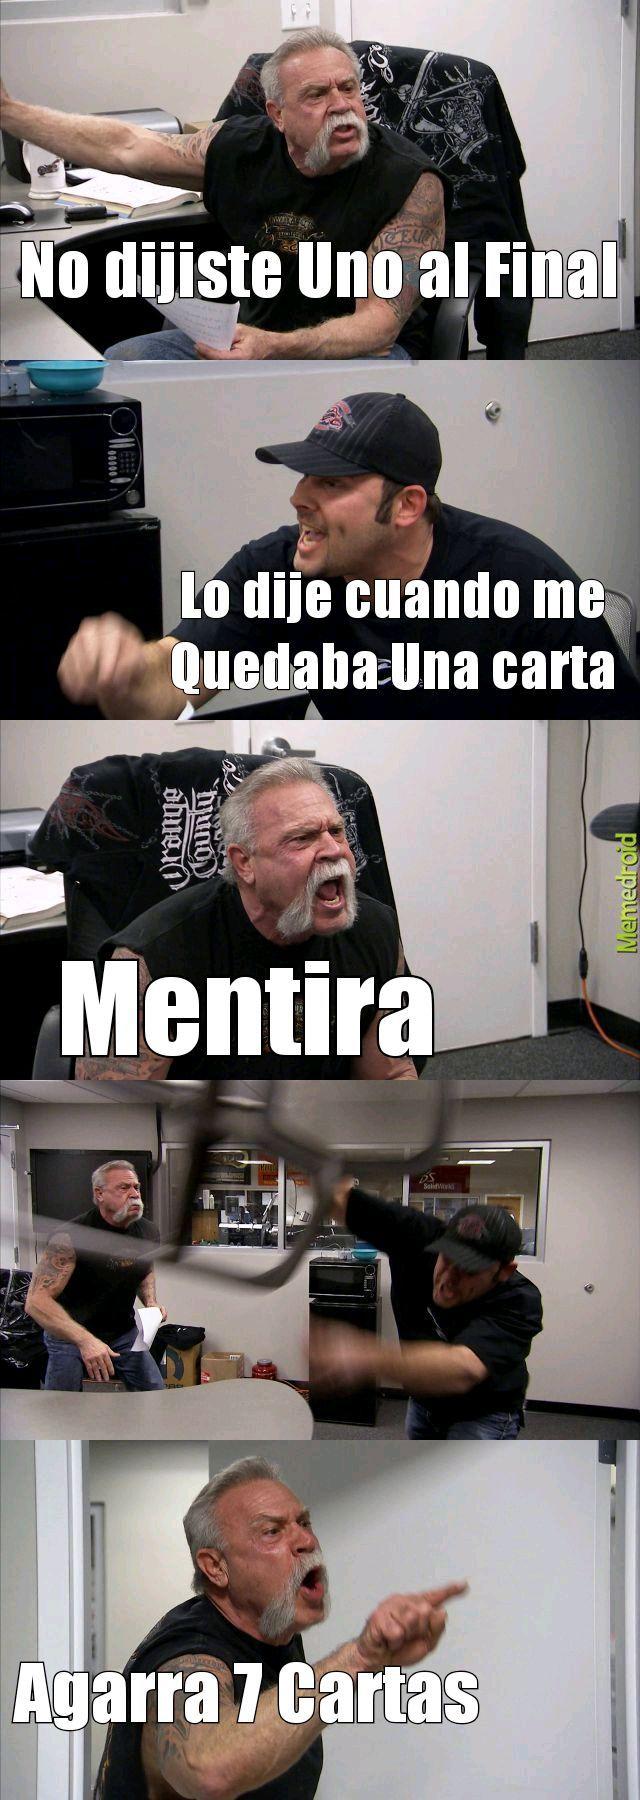 Yo si dije Uno - meme